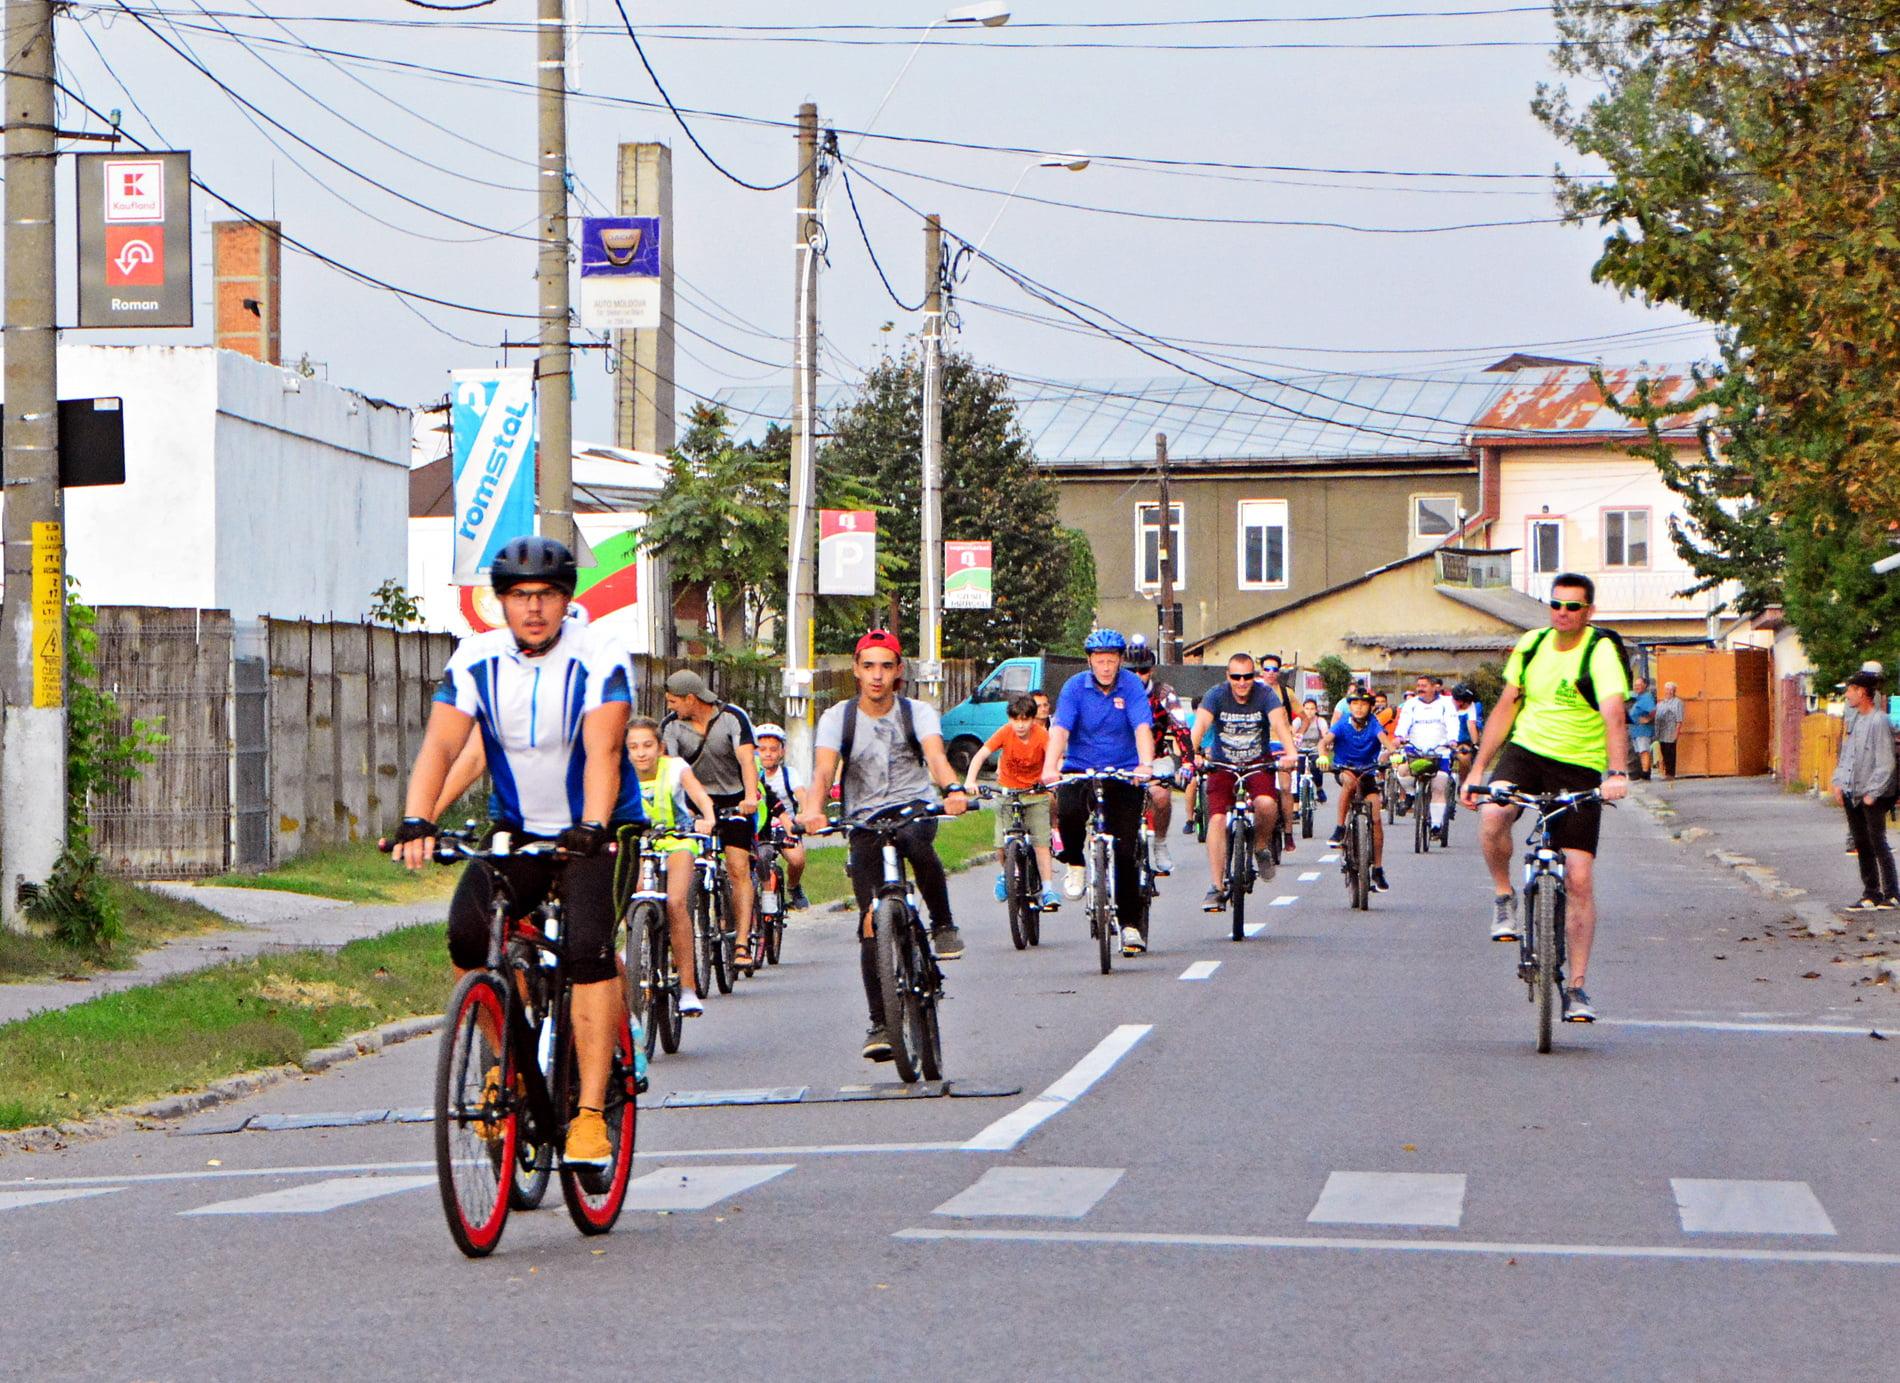 [FOTO] Peste o sută de participanți la turul ciclist al municipiului Roman